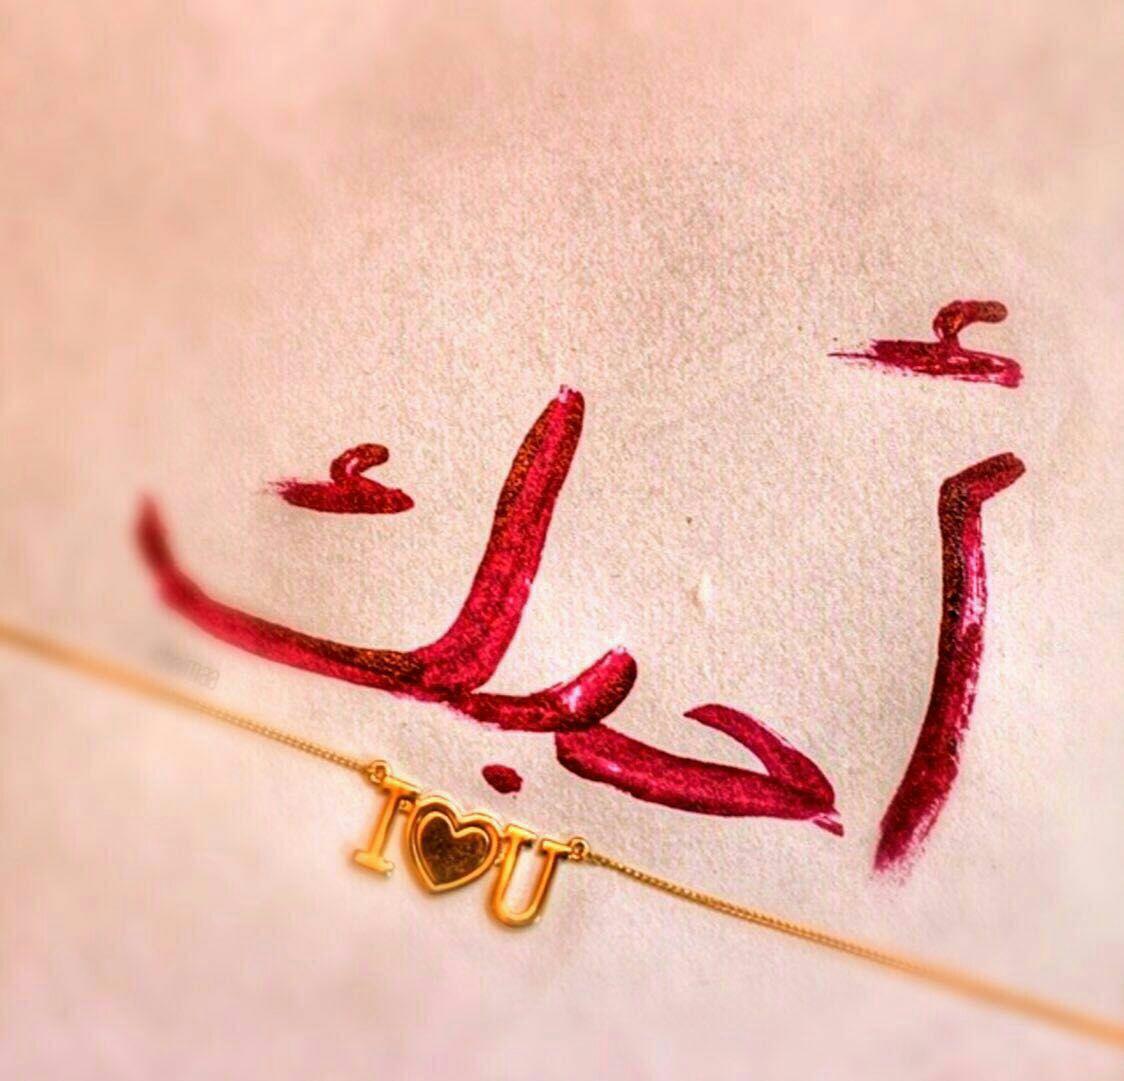 بالصور اجمل رسالة حب , كلمات ستجعل حبيبك يموت فيك 3592 10